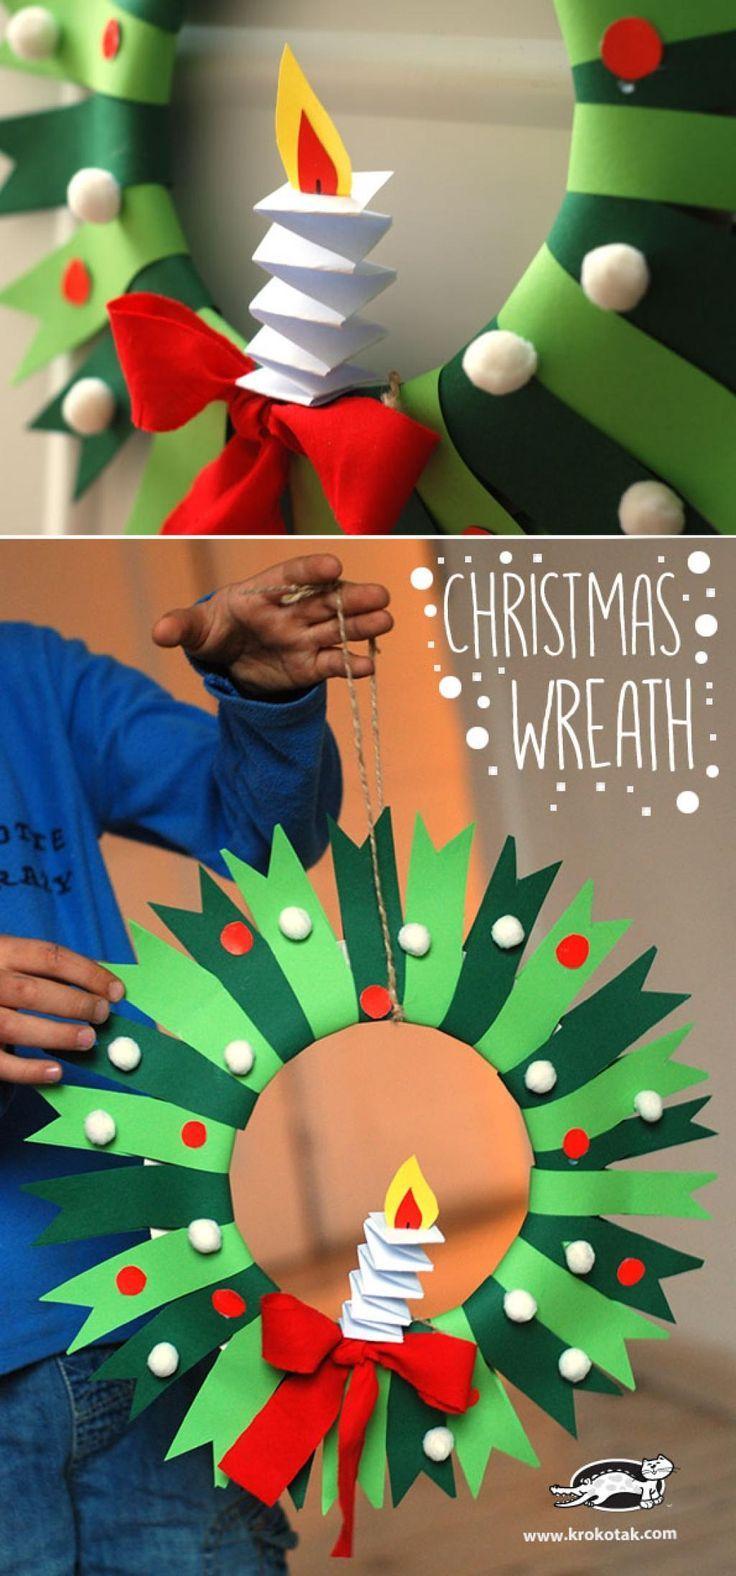 Bricolez une magnifique courée de Noël en léfants à la carte für eine grössere Darstellung klicken Sie auf das Bild. #trucsdenoël